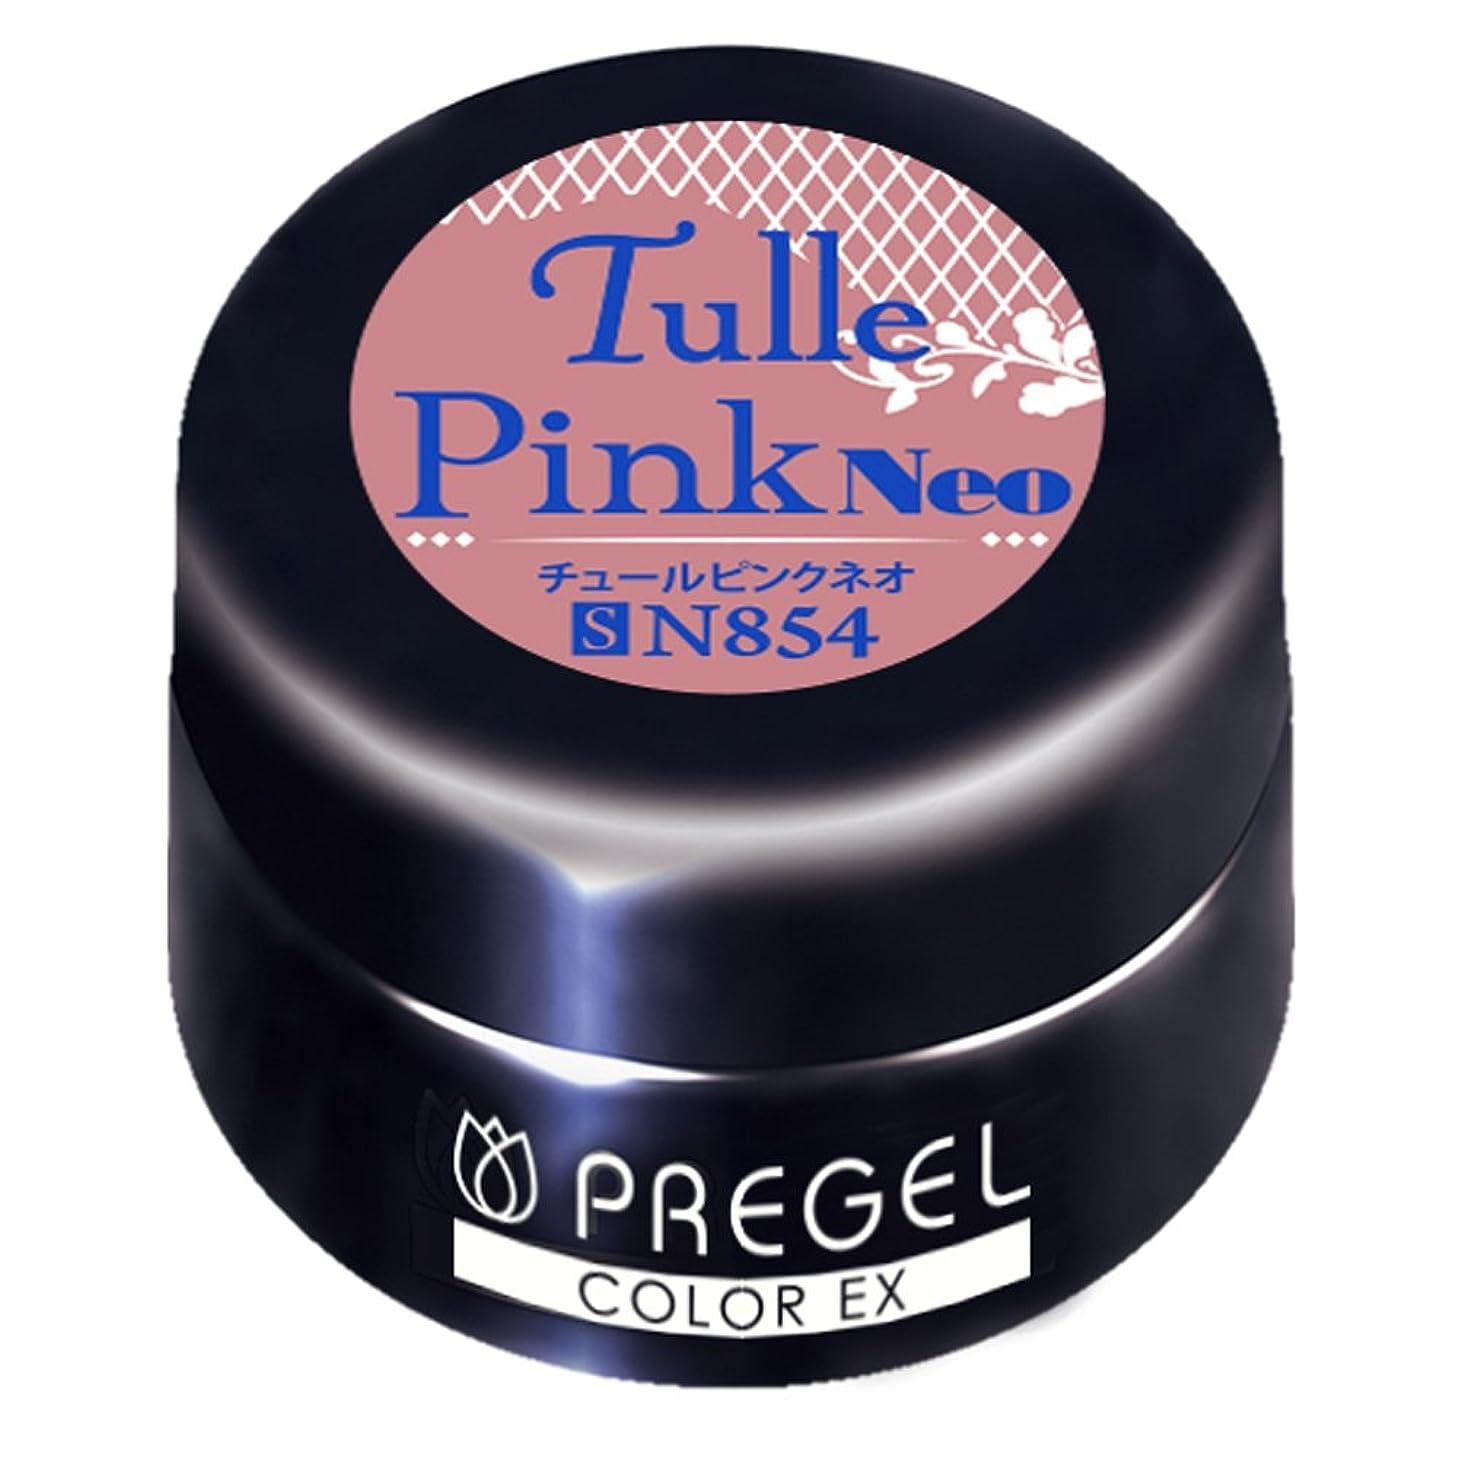 任命する事前強度PRE GEL カラーEX チュールピンクneo854 3g UV/LED対応